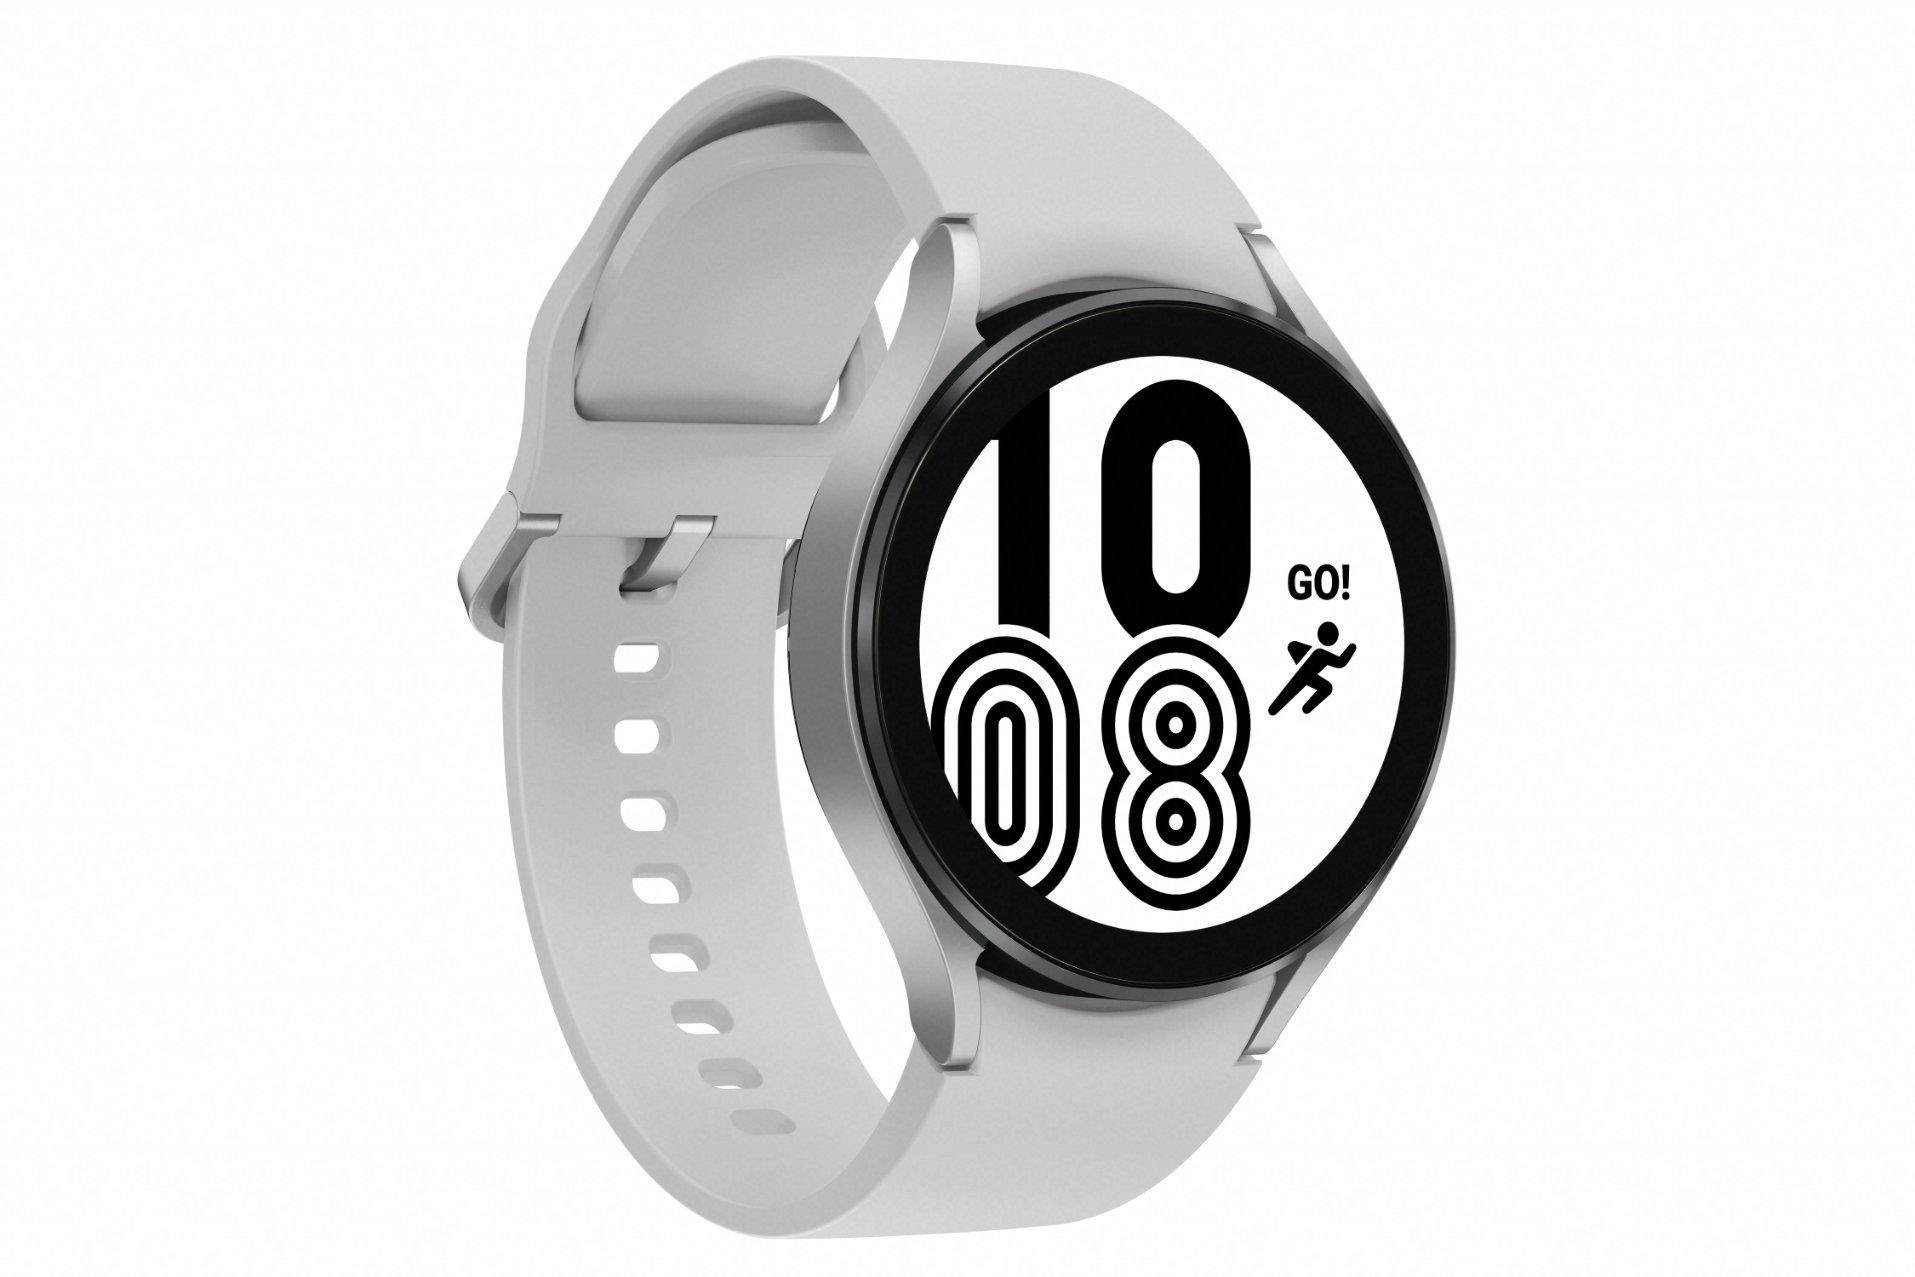 Nouveau Samsung Galaxy Watch4, la première montre de Samsung avec WearOS depuis des années